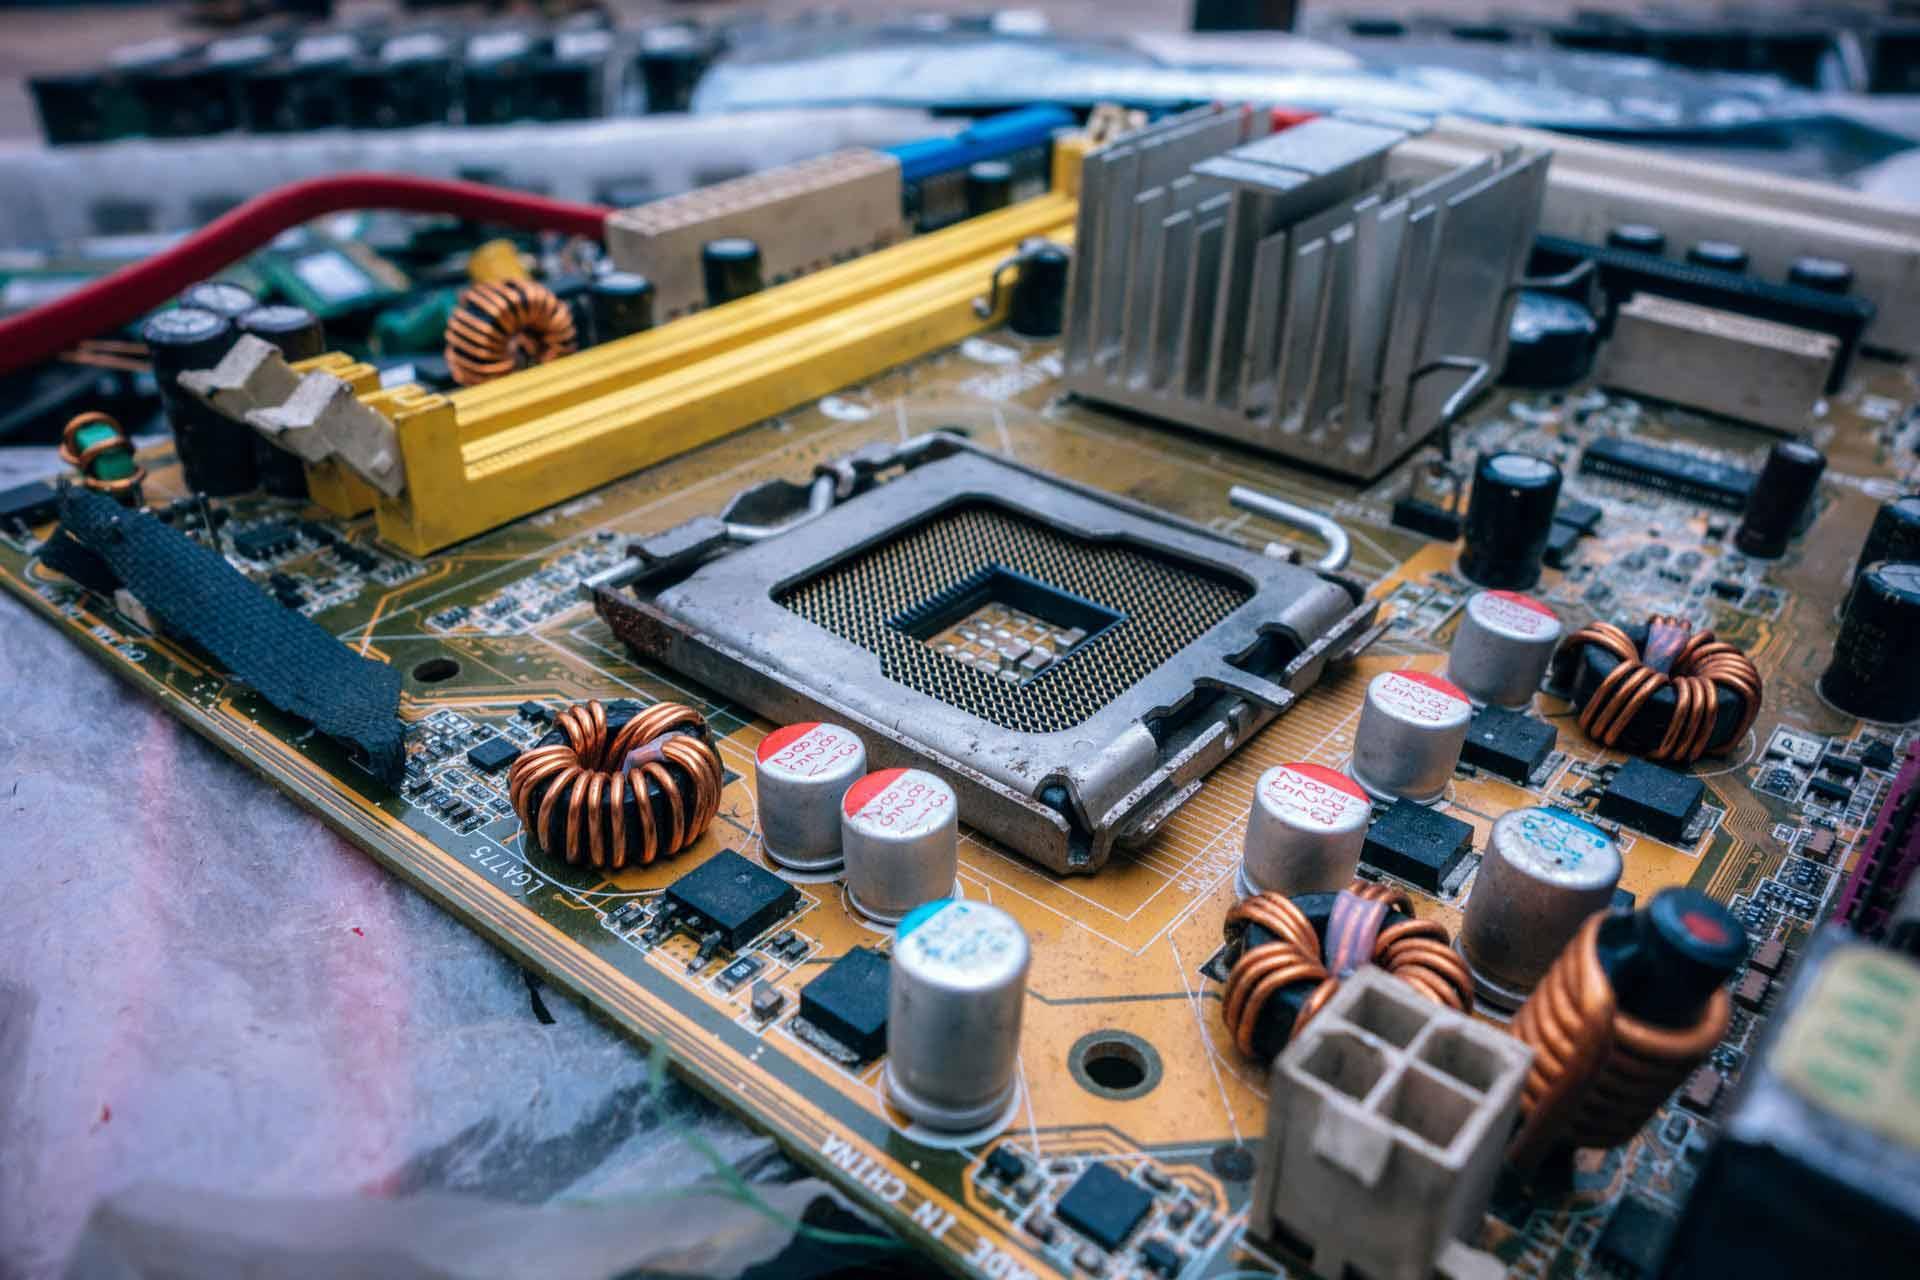 Popravka kompjutera i popravka monitora i nadogradnja